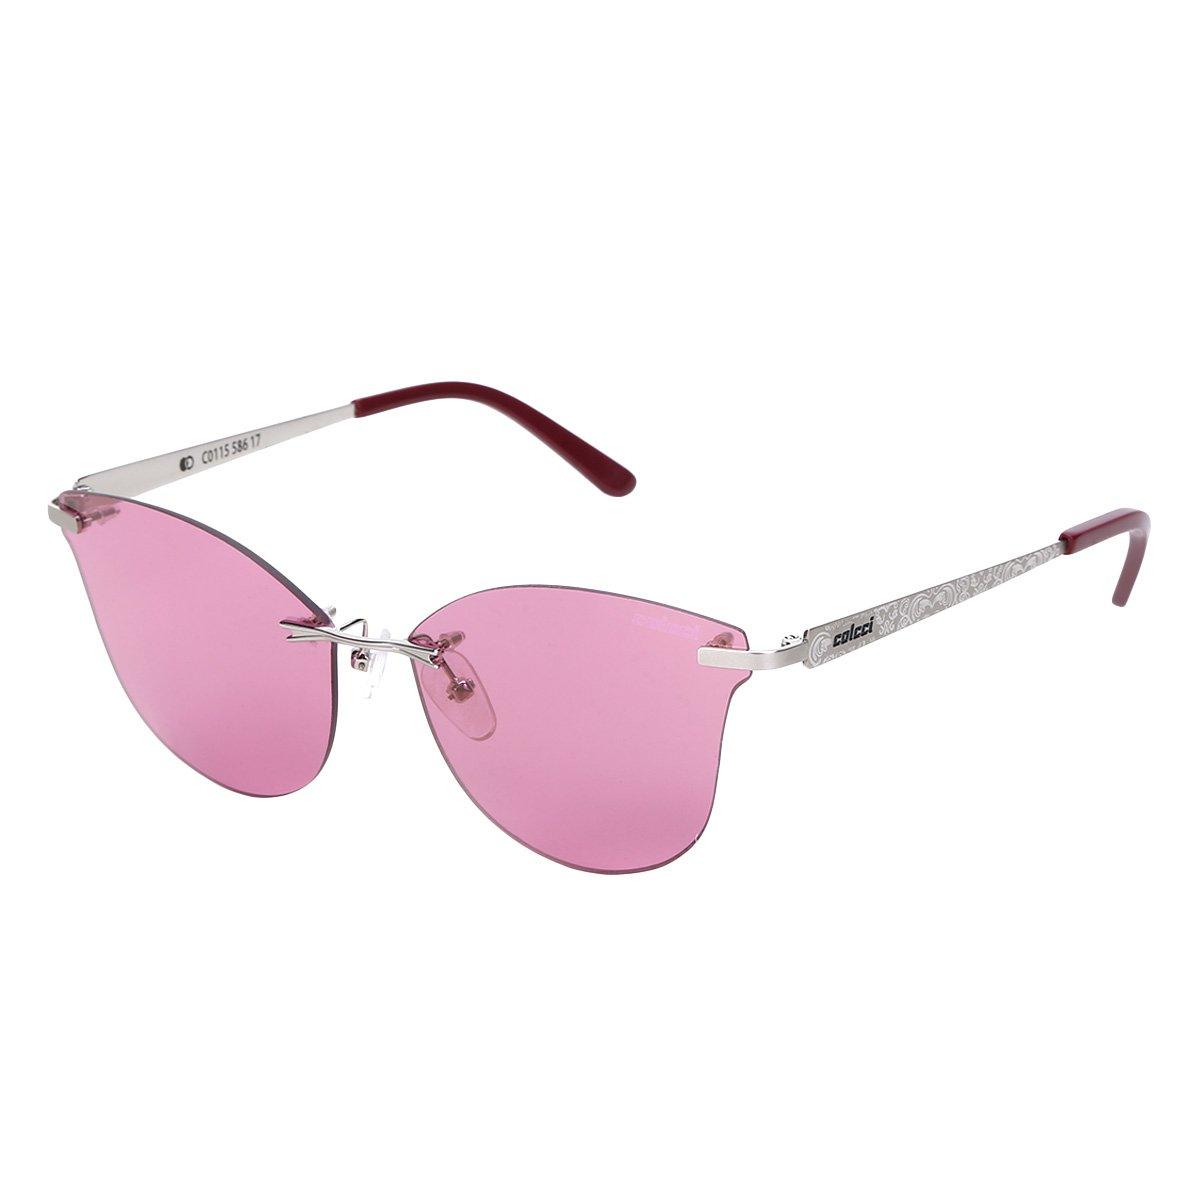 4dafbeb84 Óculos de Sol Colcci C0115 Feminino